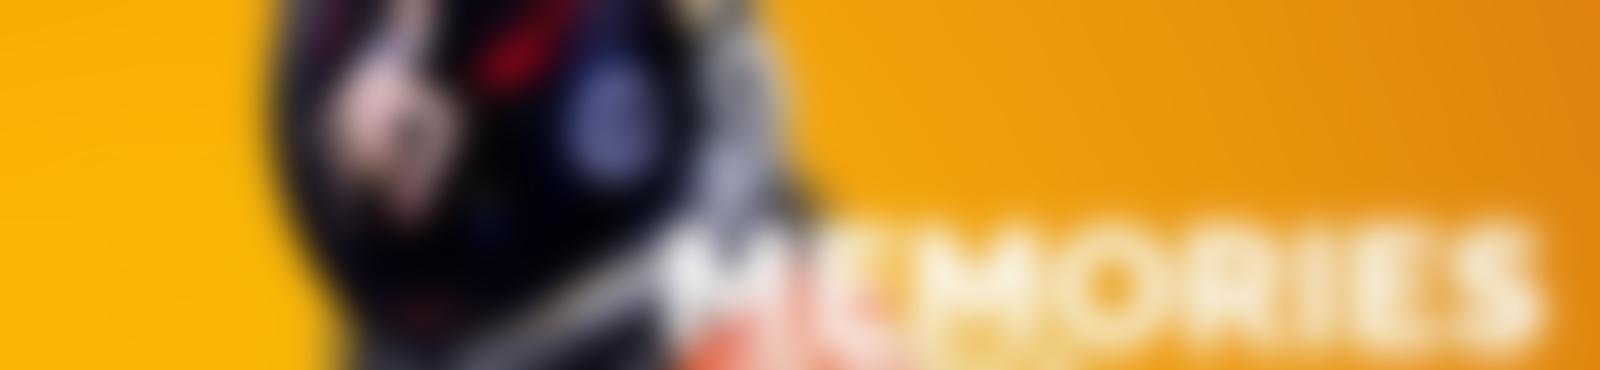 Blurred d3cf42b6 2b93 41b4 8115 5c8b17ebac67